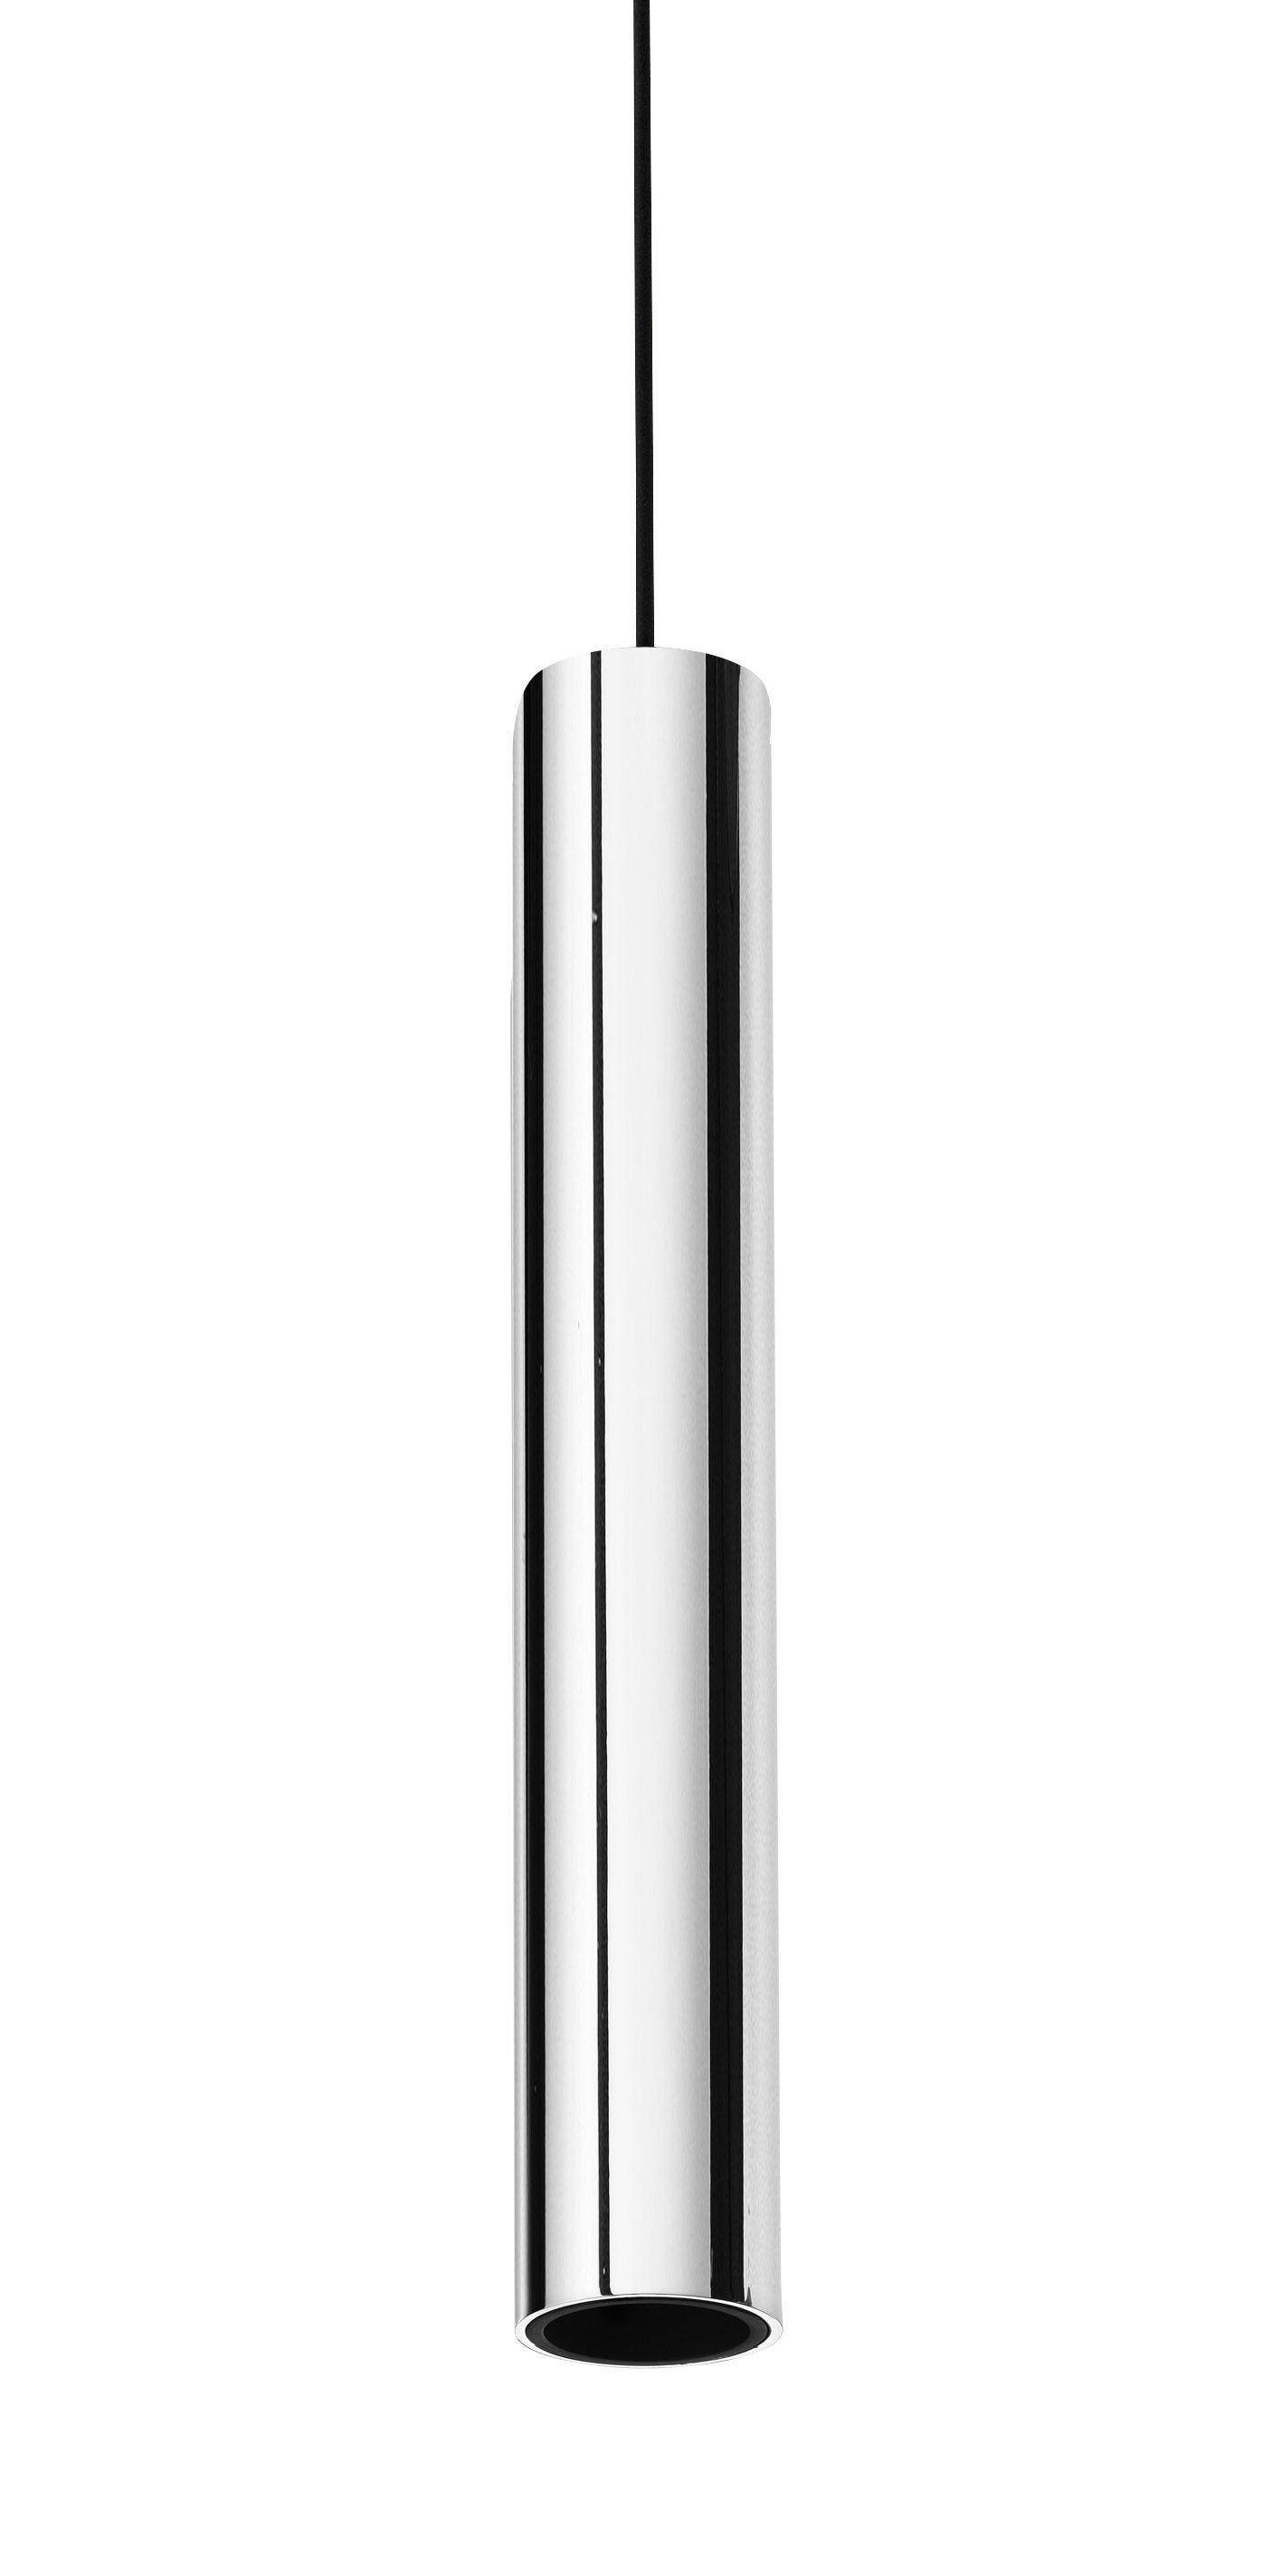 Leuchten - Pendelleuchten - Find Me LED Pendelleuchte - Flos - Chrom-glänzend - Aluminium